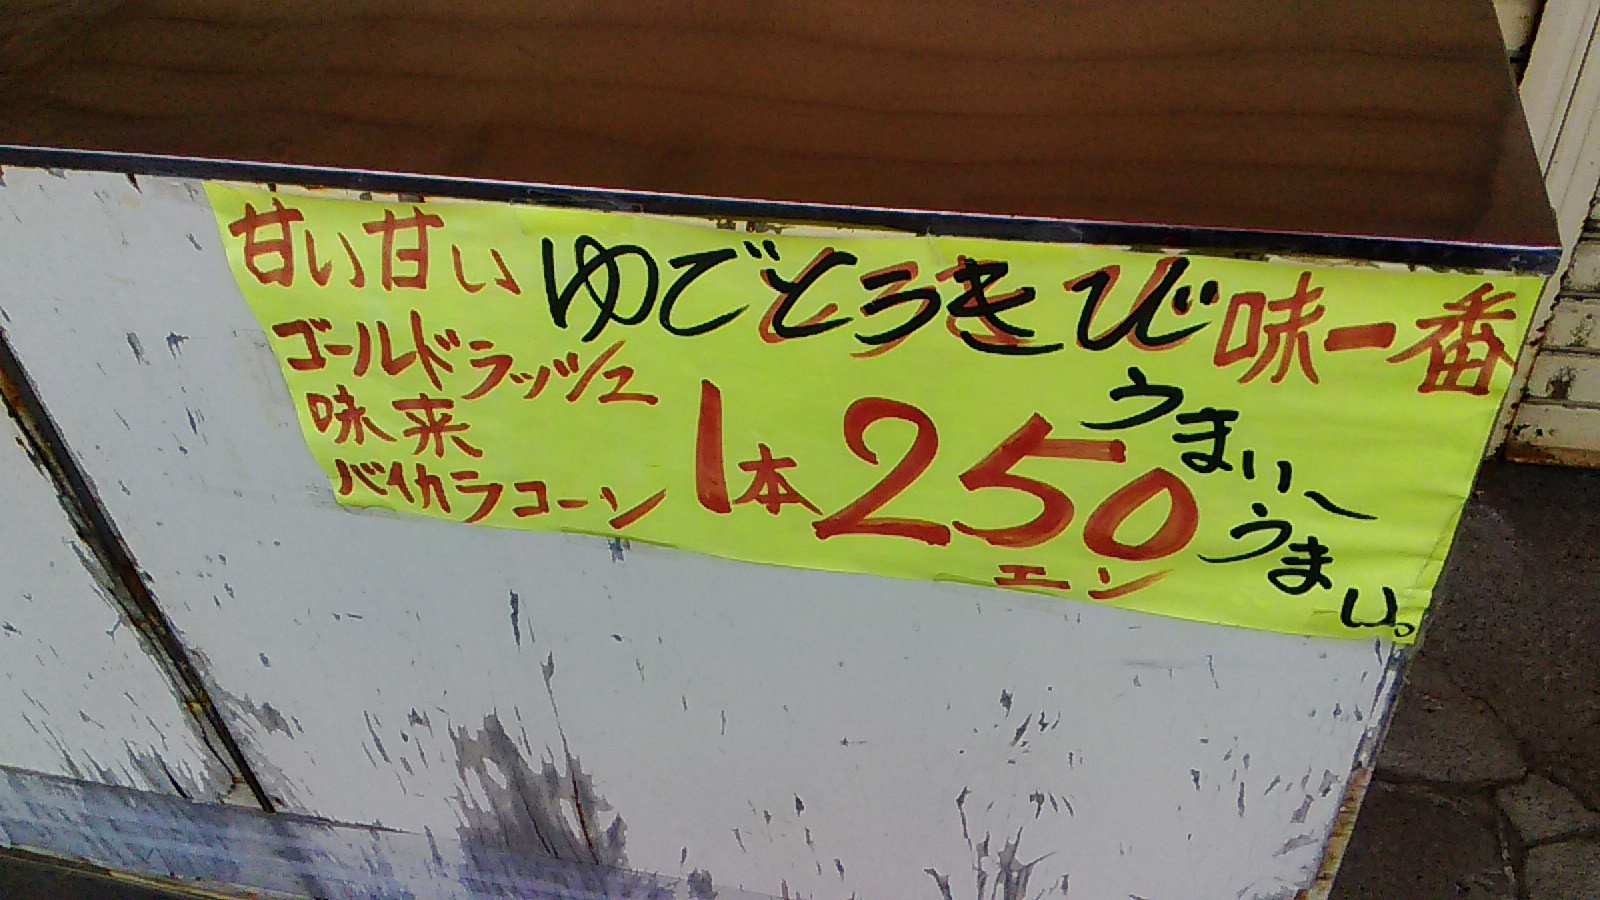 真鍋青果店